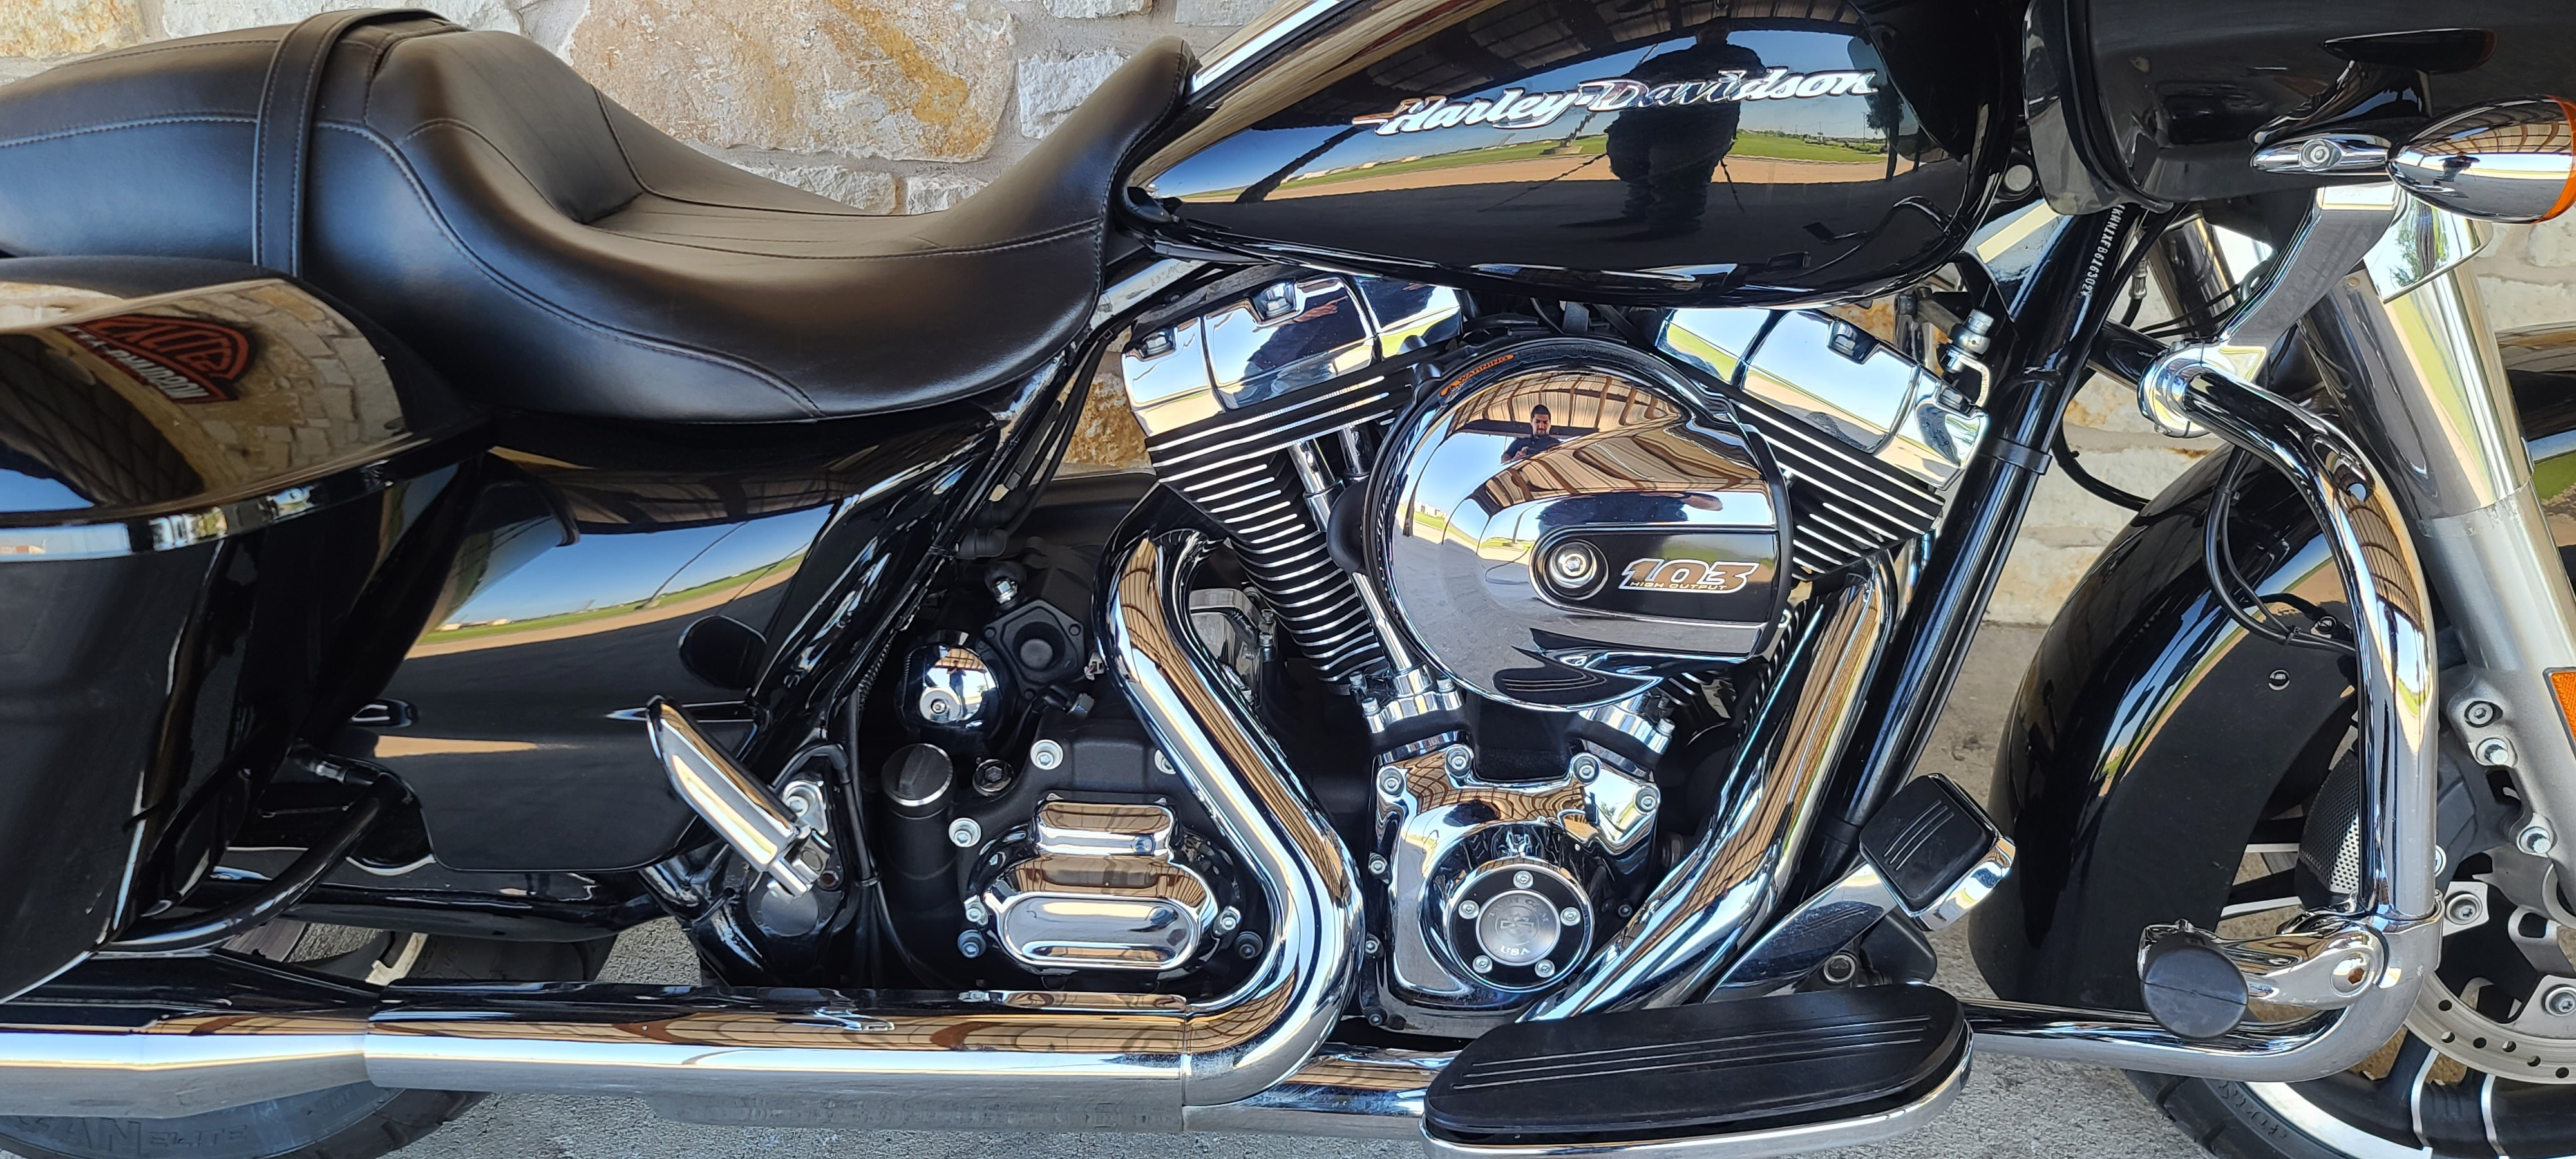 2015 Harley-Davidson Road Glide Base at Harley-Davidson of Waco